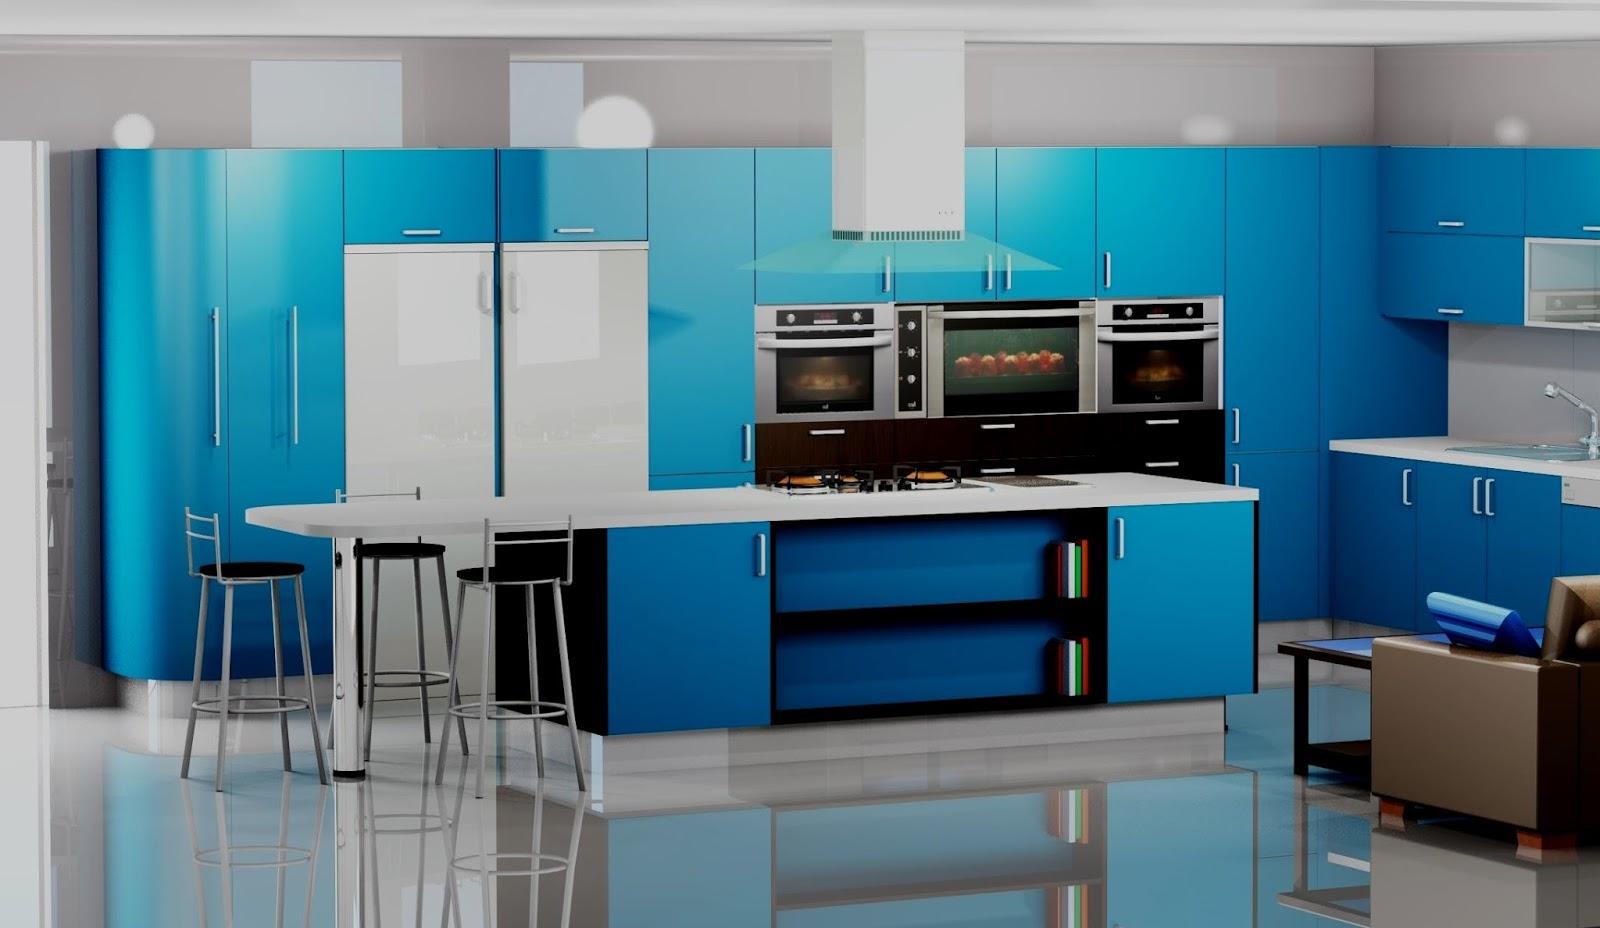 Dise o de cocina lacado en azul caribe for Aplicacion para diseno de cocinas